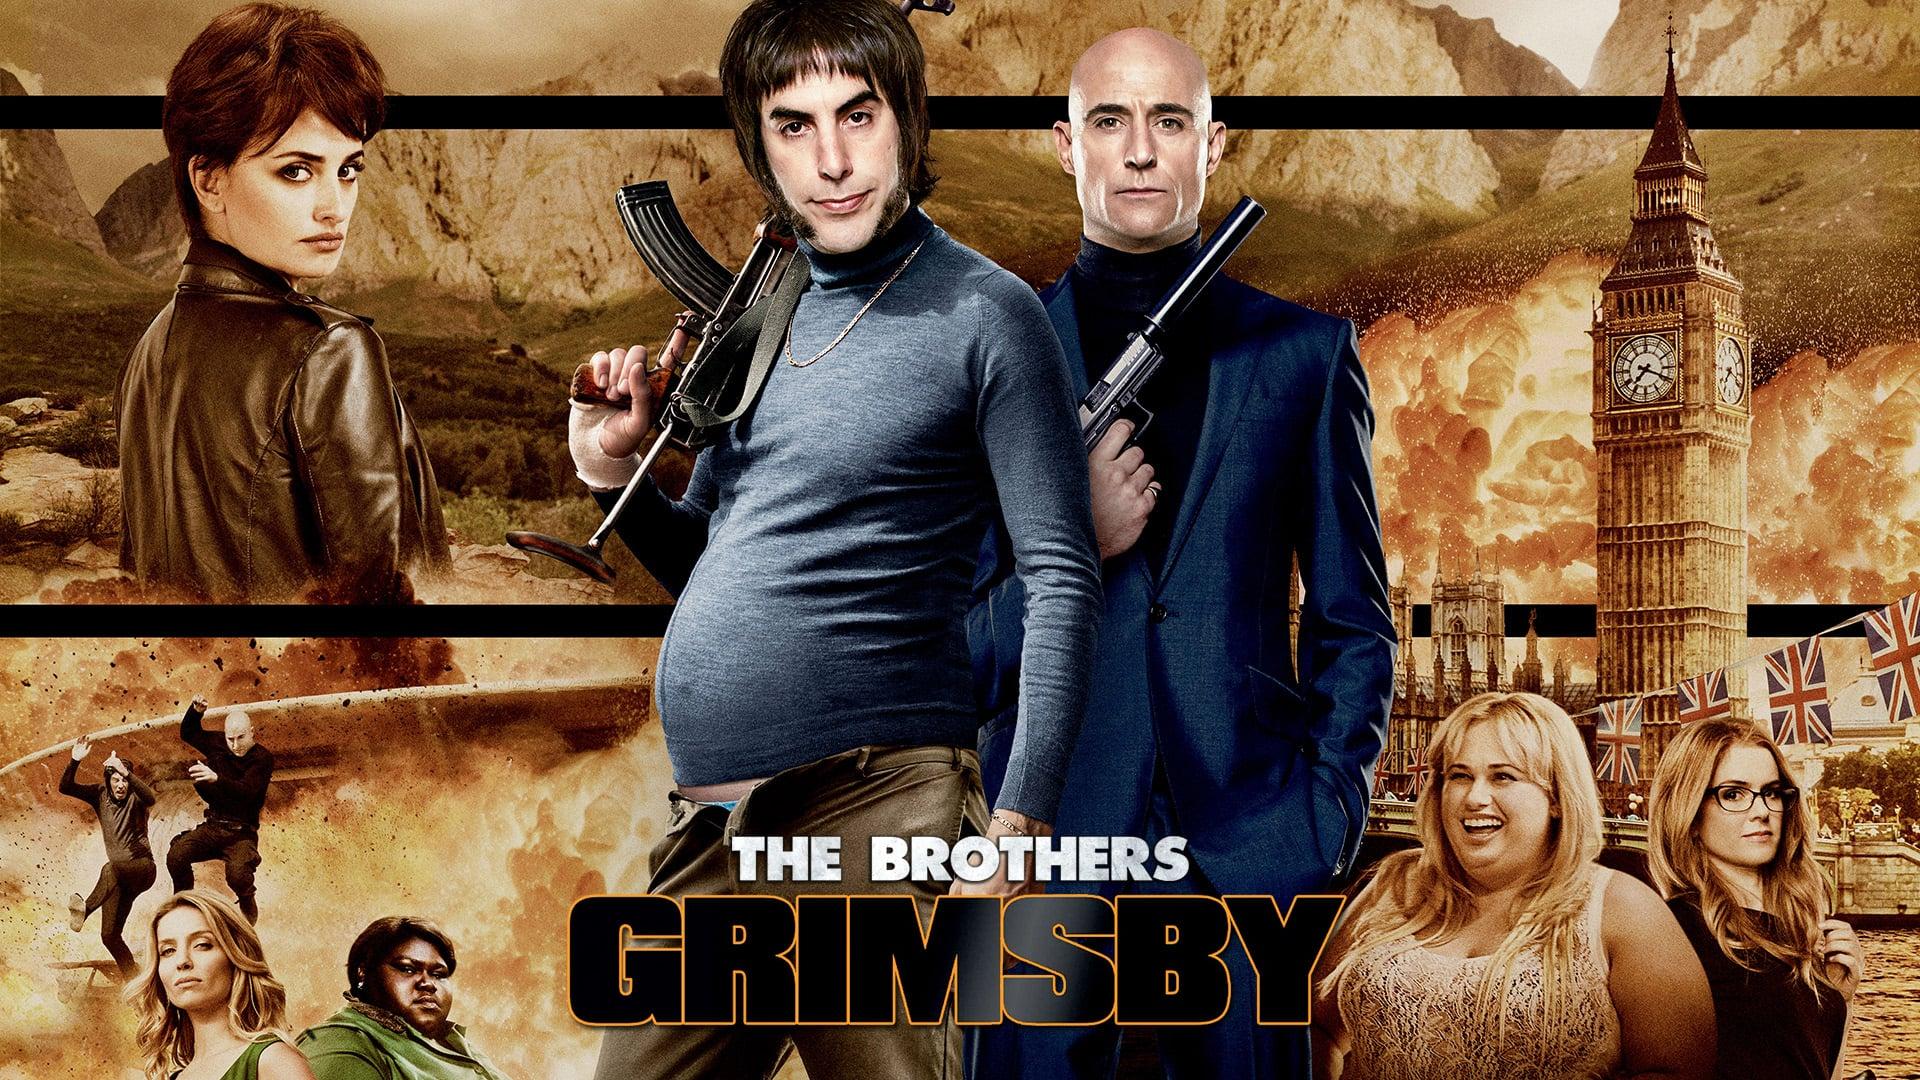 เดอะ บราเดอร์ กริมสบี้ (The Brothers Grimsby)